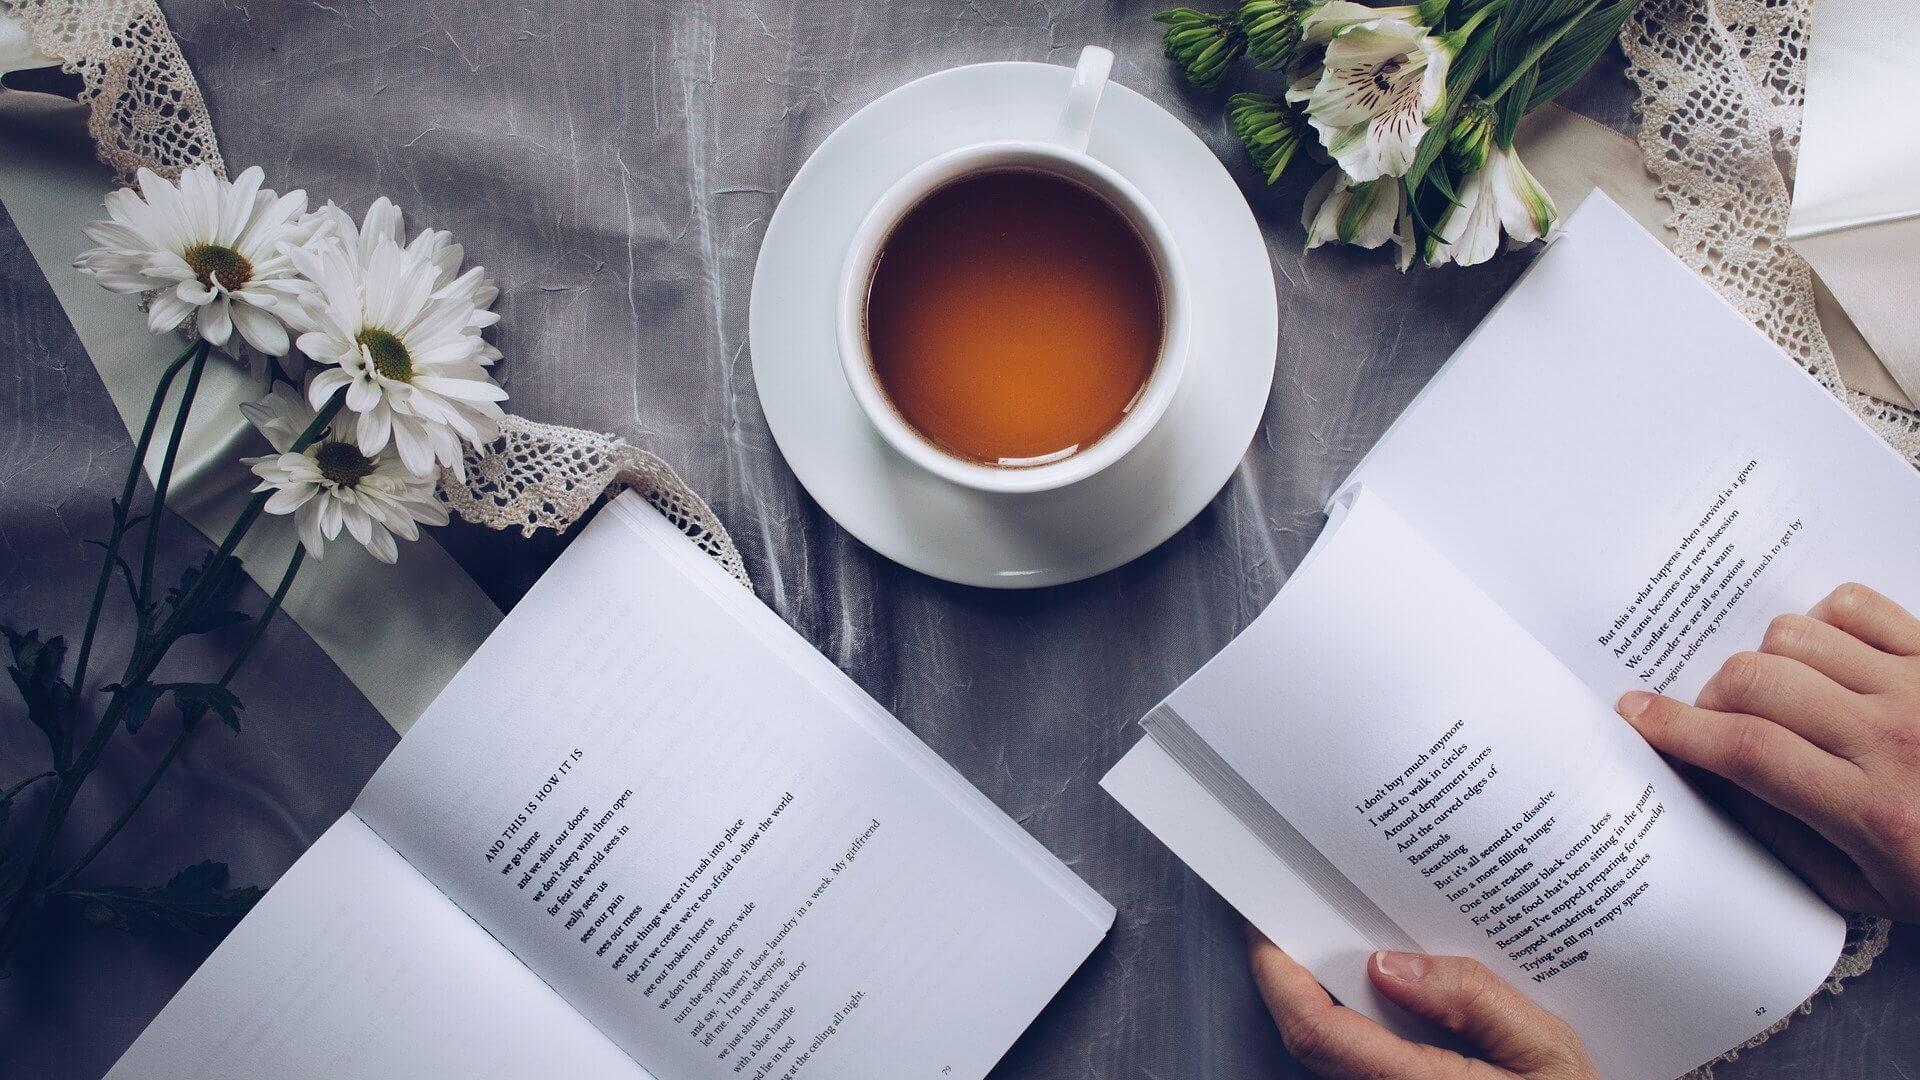 Książki z poezją i kawa